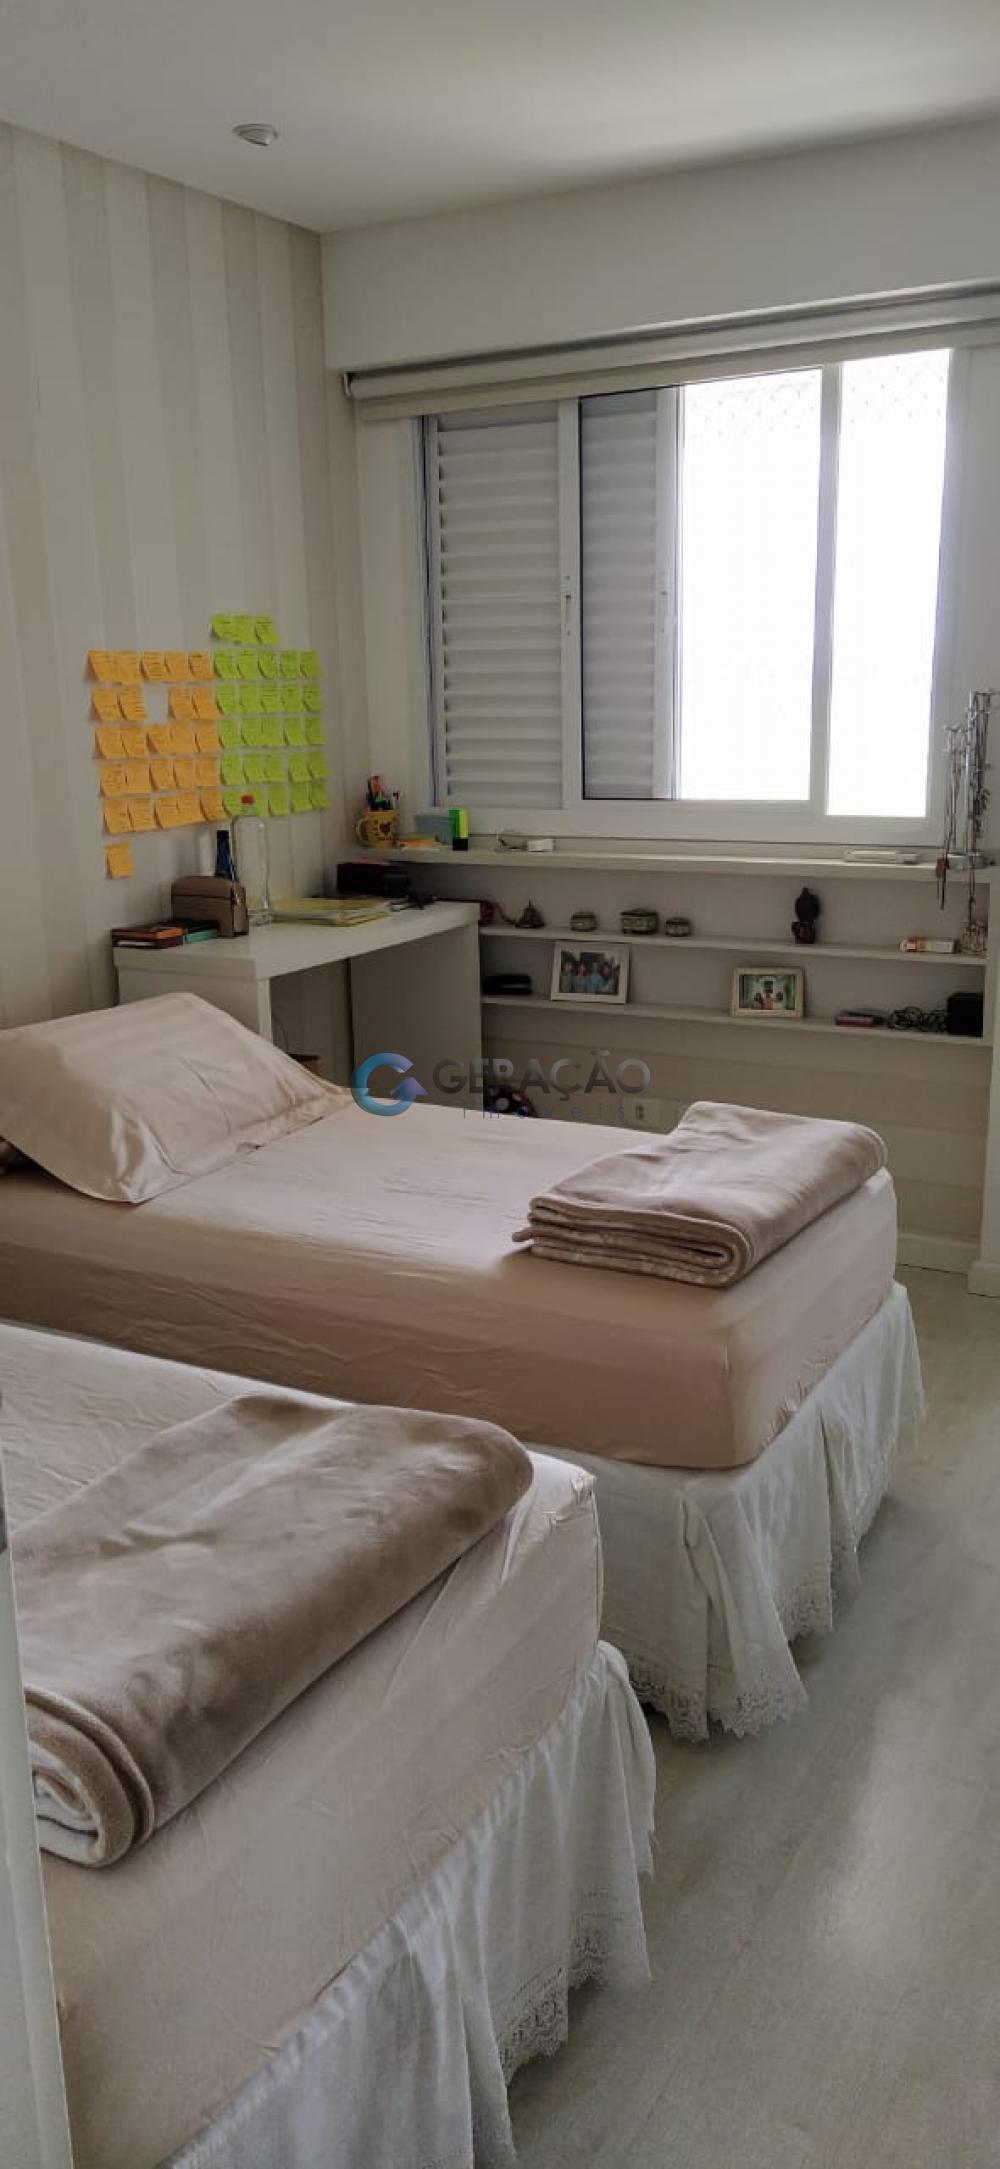 Comprar Apartamento / Padrão em São José dos Campos R$ 1.150.000,00 - Foto 18